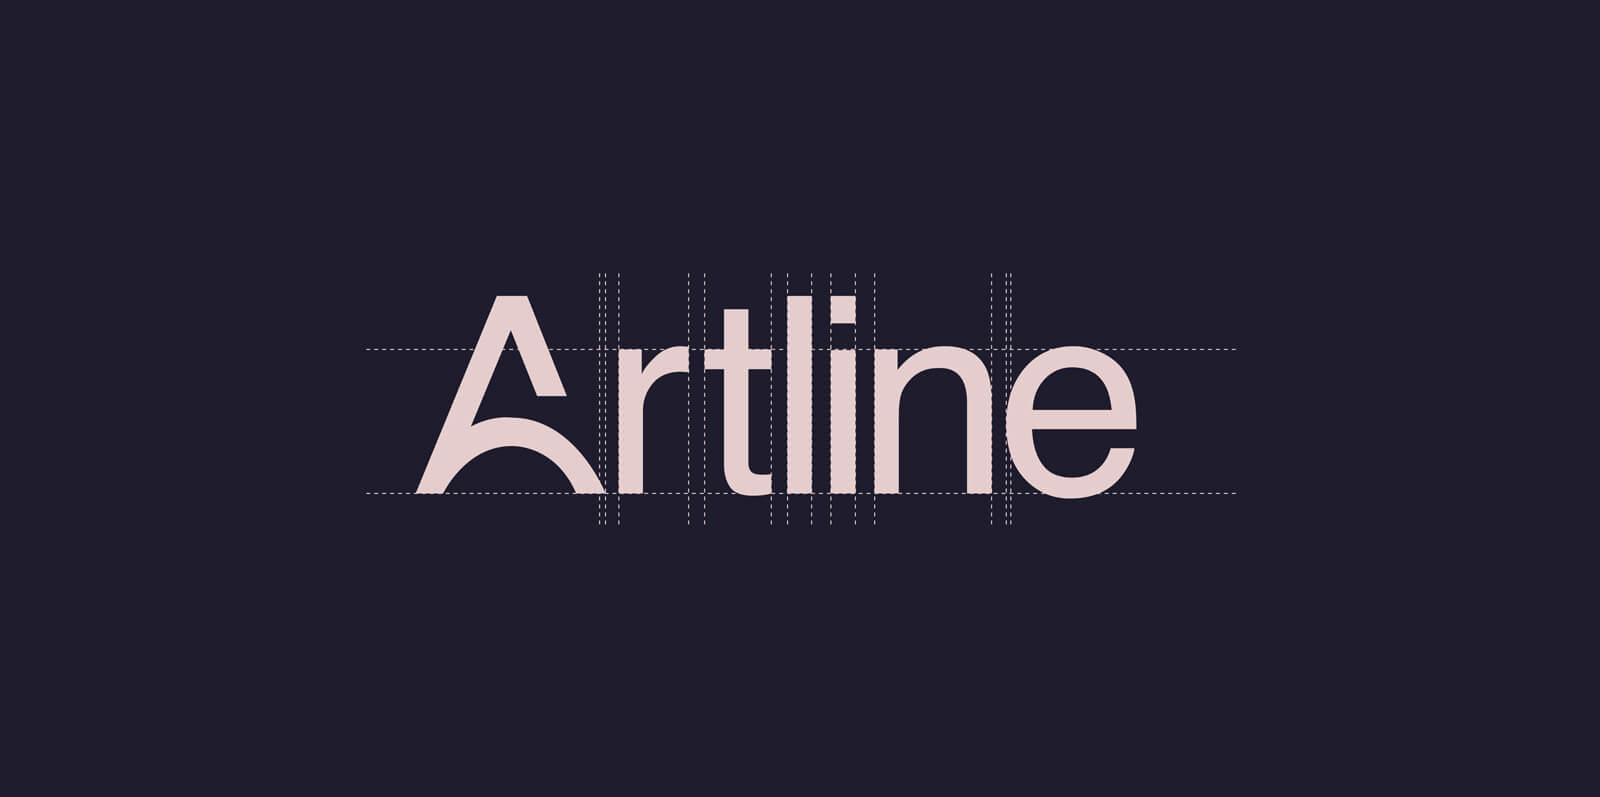 Identité visuelle intérieur Artline identité visuelle intérieur Identité Artline intérieur art2